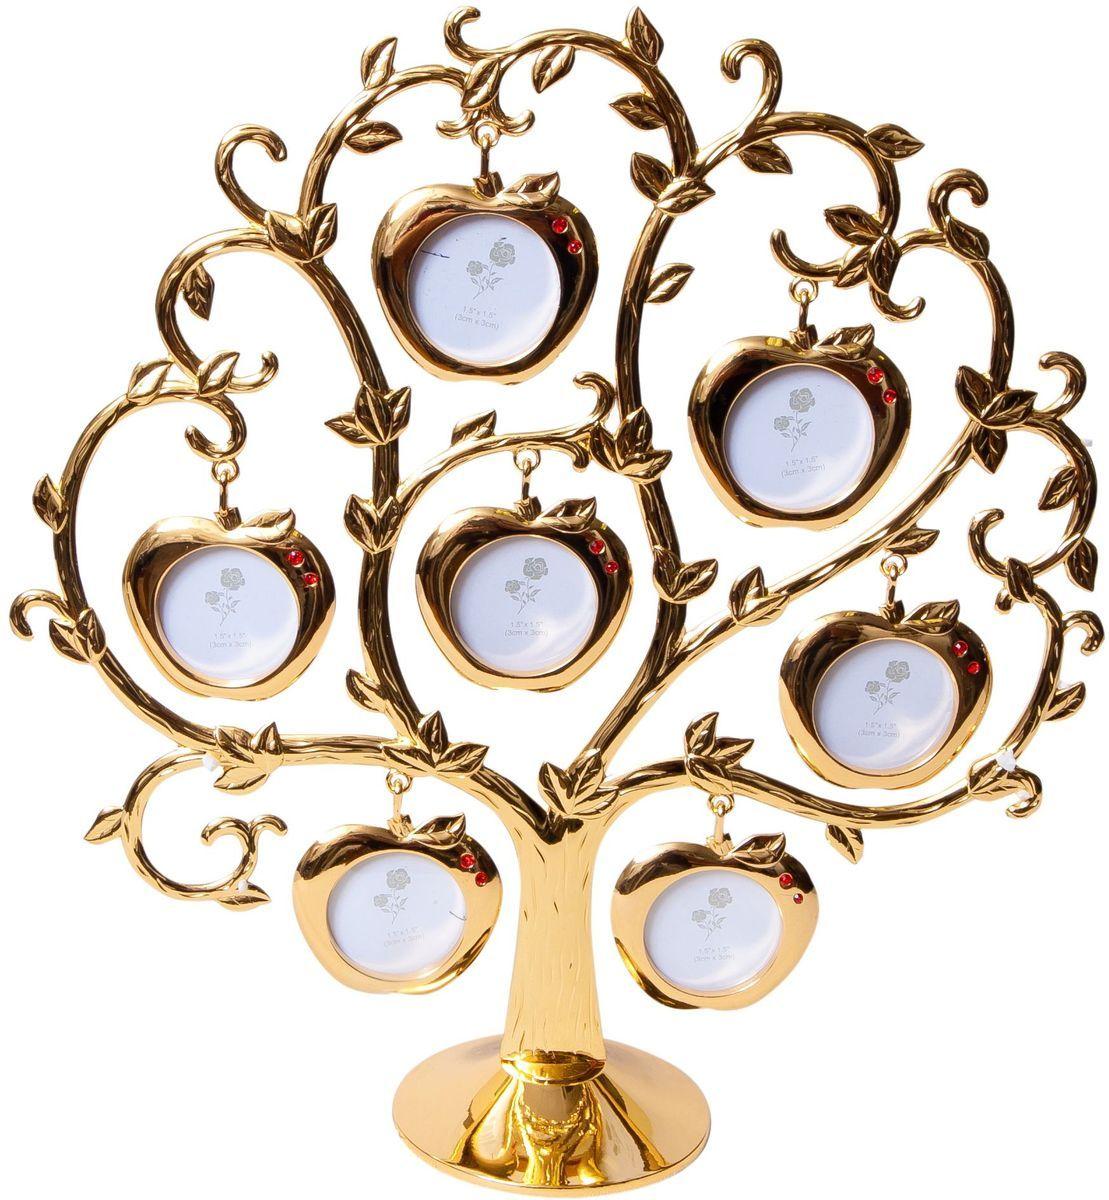 Фоторамка Platinum Дерево. Яблоки, цвет: золотистый, на 7 фото, 4 x 4 см. PF9460ASG7 фоторамок на дереве PF9460ASG GOLDДекоративная фоторамка Platinum Дерево. Яблоки выполнена из металла. На подставку в виде деревца подвешиваются семь фоторамок в форме яблок, украшенных стразами. Изысканная и эффектная, эта потрясающая рамочка покорит своей красотой и изумительным качеством исполнения. Фоторамка Platinum Дерево. Яблоки не только украсит интерьер помещения, но и поможет разместить фото всей вашей семьи. Высота фоторамки: 26 см. Фоторамка подходит для фотографий 4 х 4 см. Общий размер фоторамки: 23,5 х 5 х 26 см.